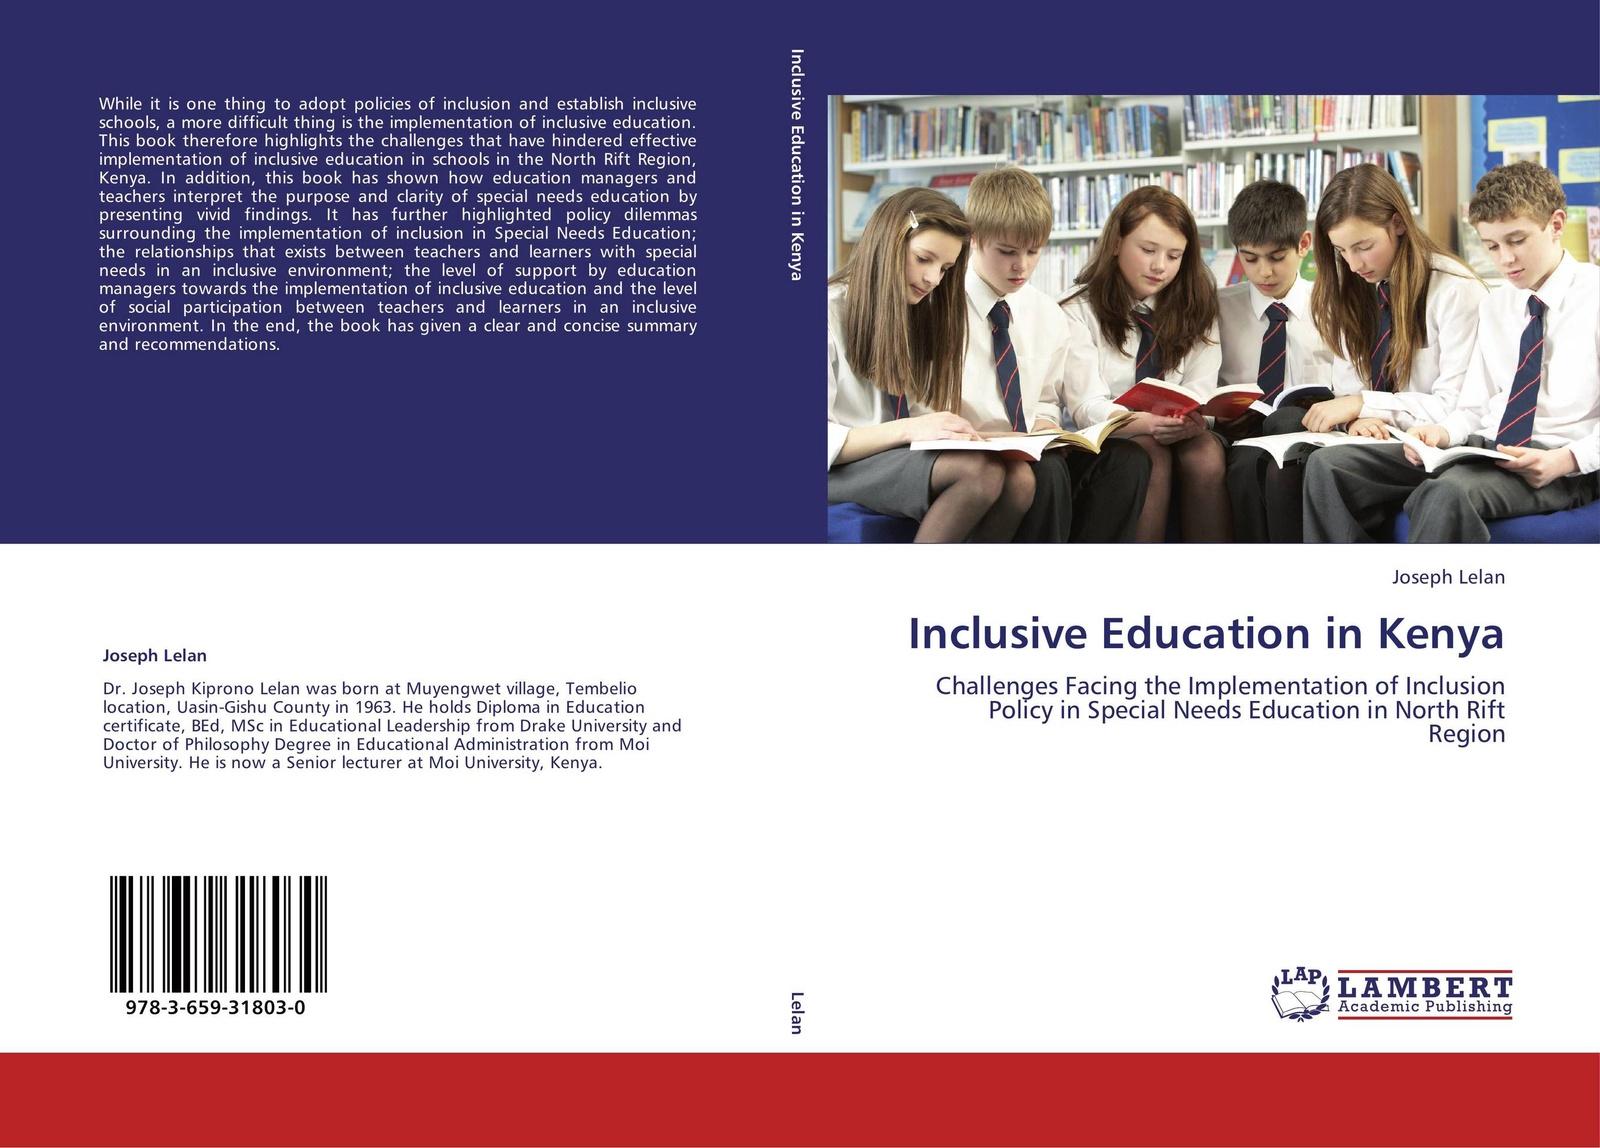 Joseph Lelan Inclusive Education in Kenya joseph lelan inclusive education in kenya